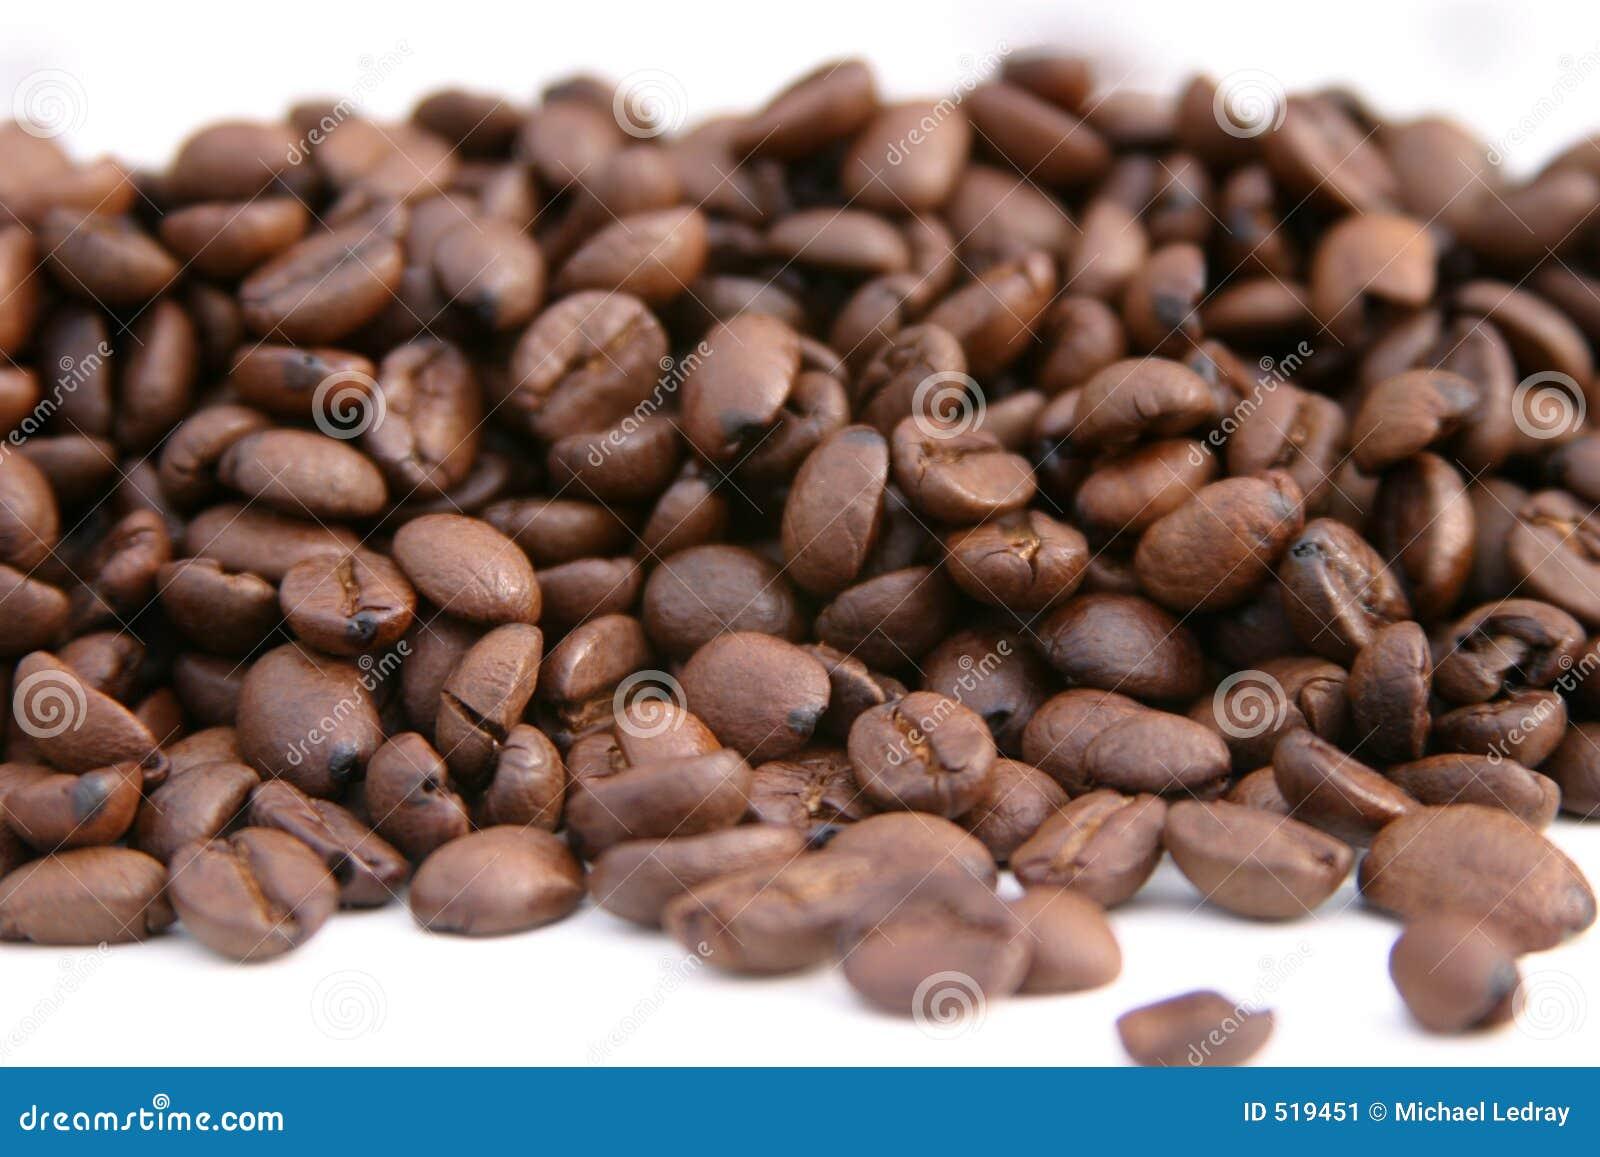 grains de caf non la terre sur un fond blanc image stock image 519451. Black Bedroom Furniture Sets. Home Design Ideas